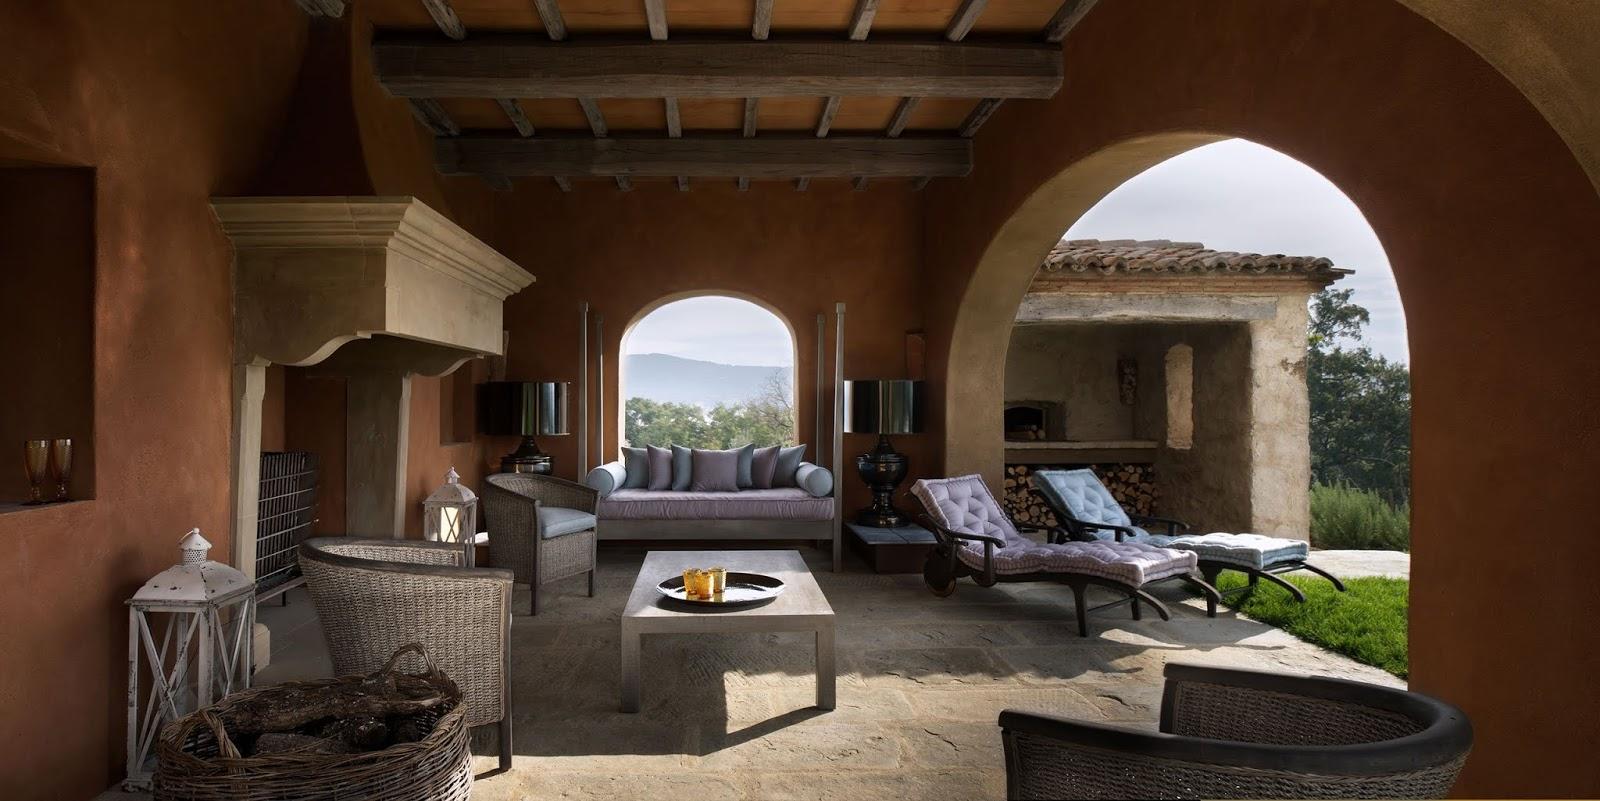 Reschio Estate in Rural Umbria, Italy